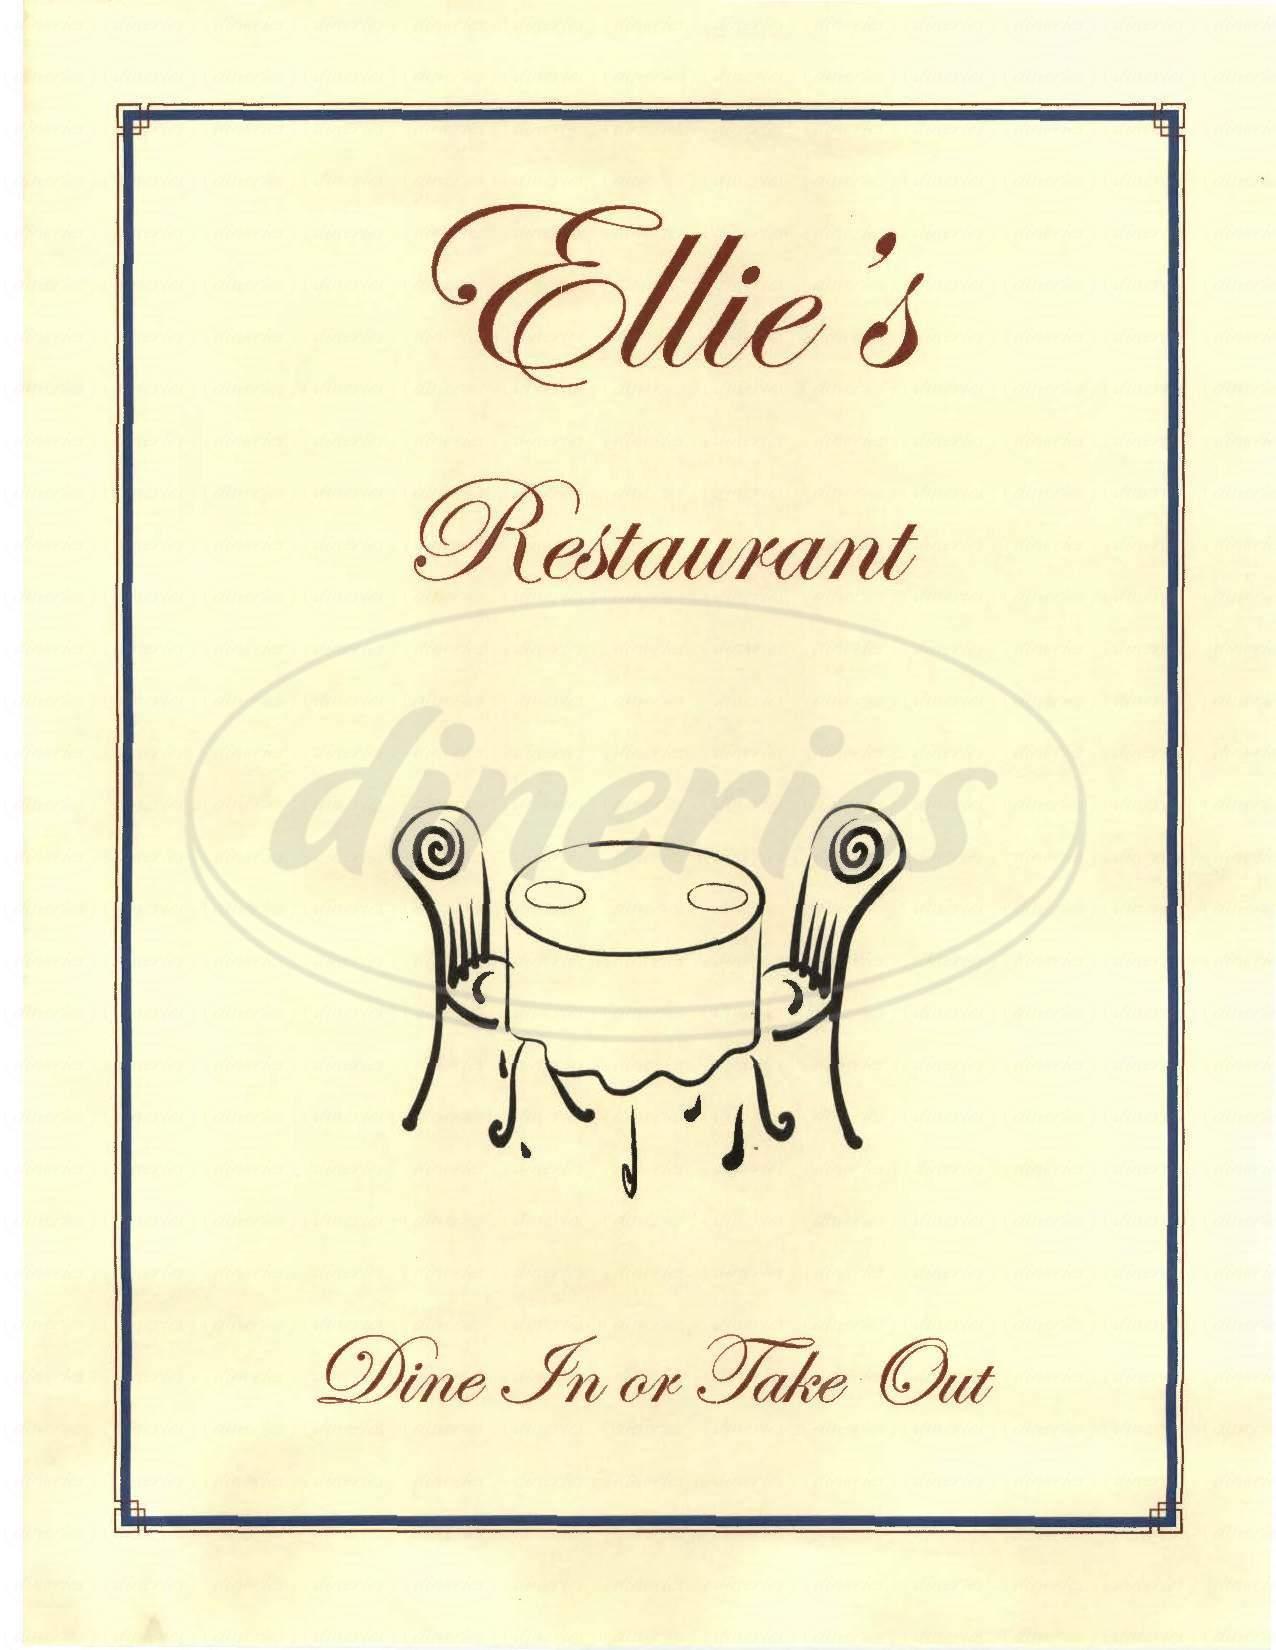 menu for Ellie's